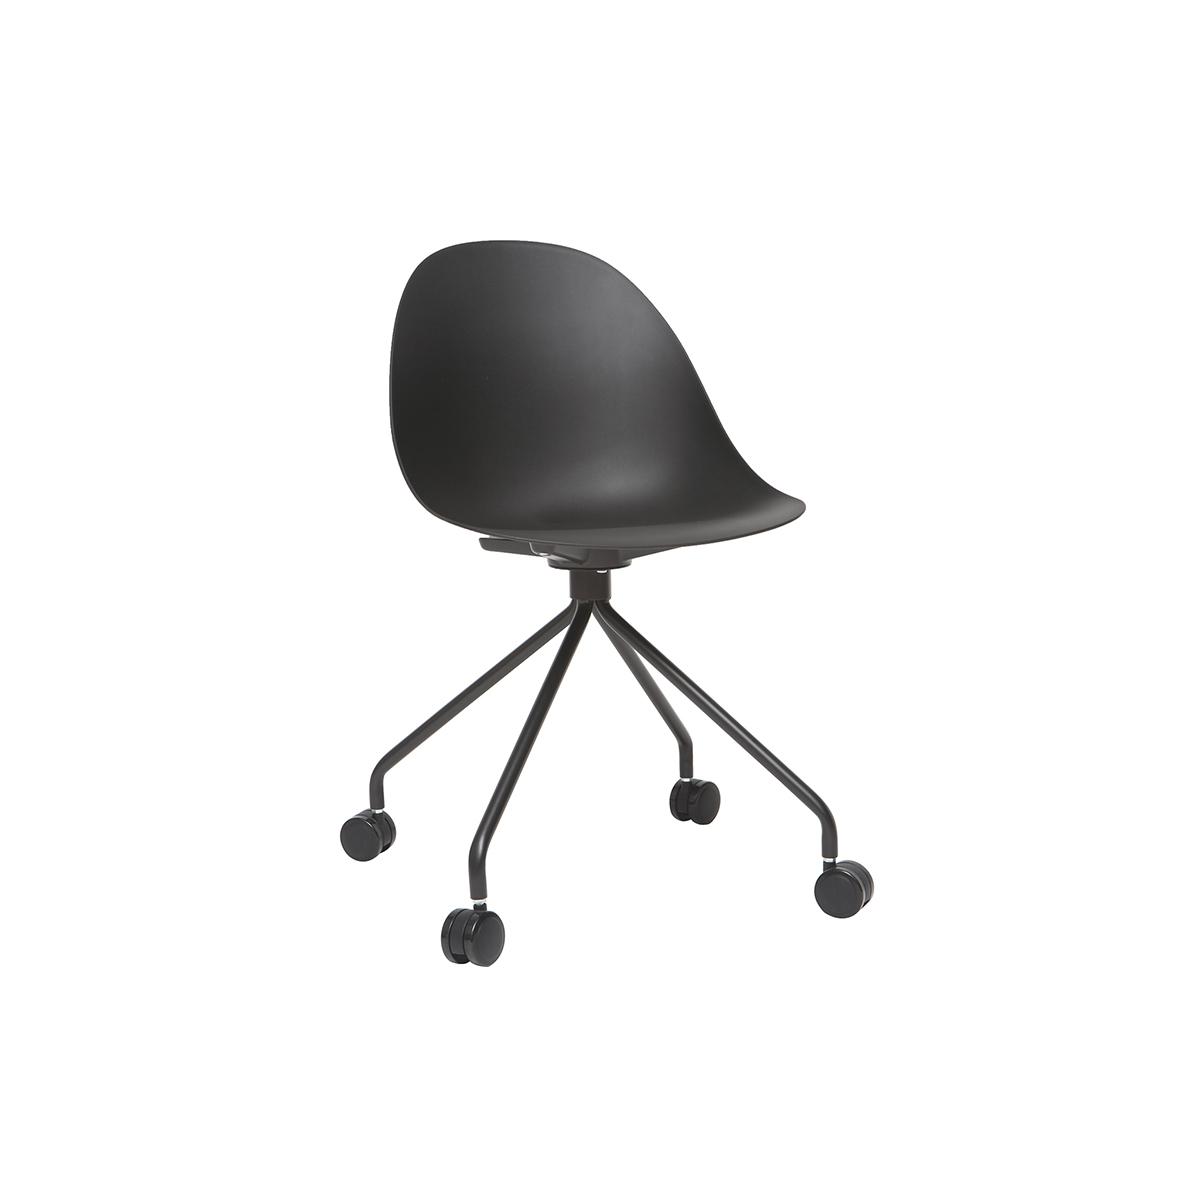 88dbf6f0eecfa fauteuil-de-bureau-design-noir-concha-45543-principale_1200_1200_0.jpg